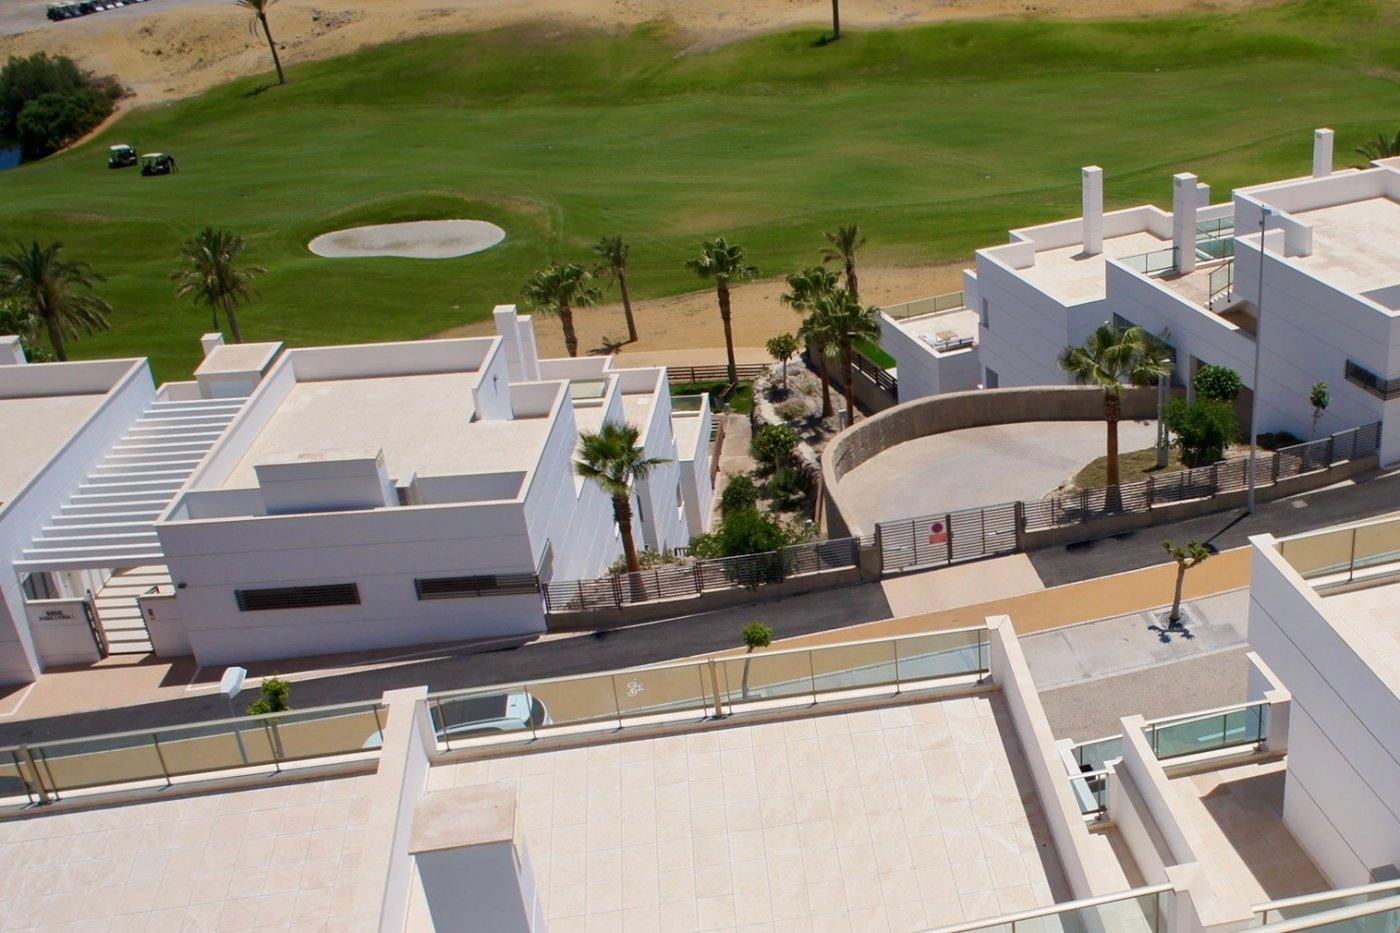 Gallery Image 10 of Gran apartamento orientado al sur de 3 dormitorios y 2 baños con preciosas vistas y 75 m2 de teraza